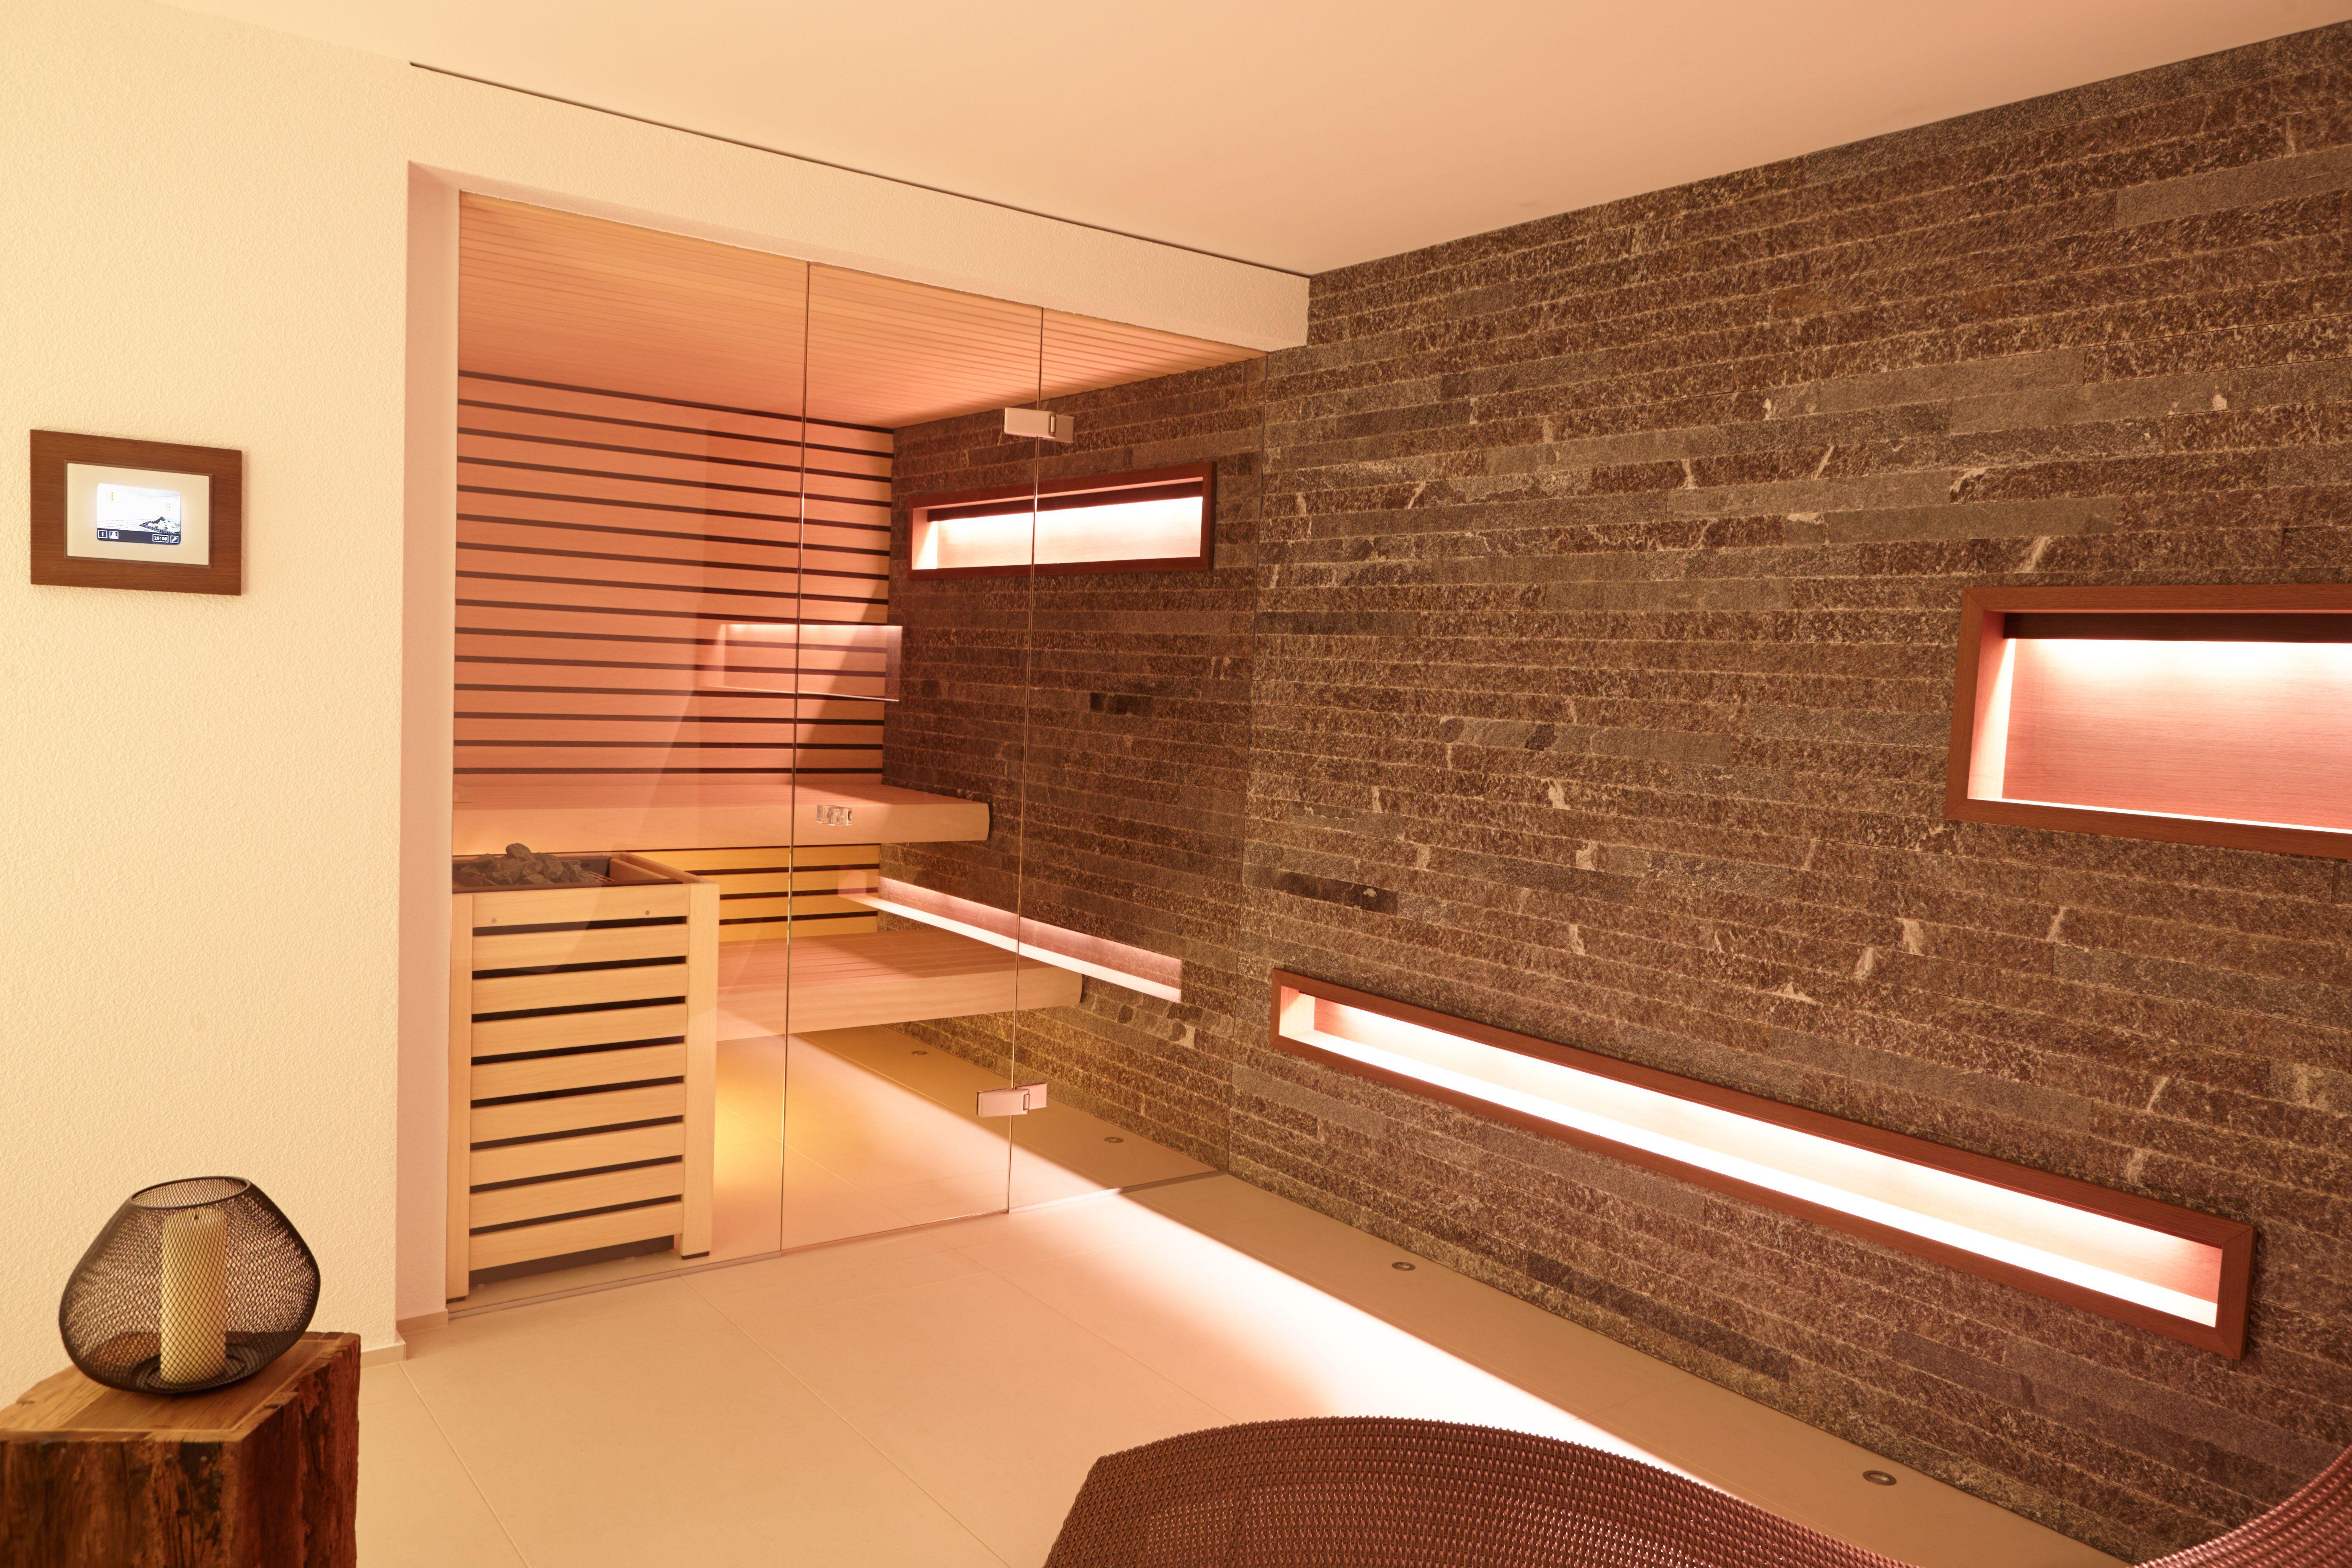 Sauna Mit Durchgängiger Steinwand #Erdmann #Sauna #ErdmannSaunabau  #ErdmannExklusiveSaunen #Stein #Glas #Wellness #Spa